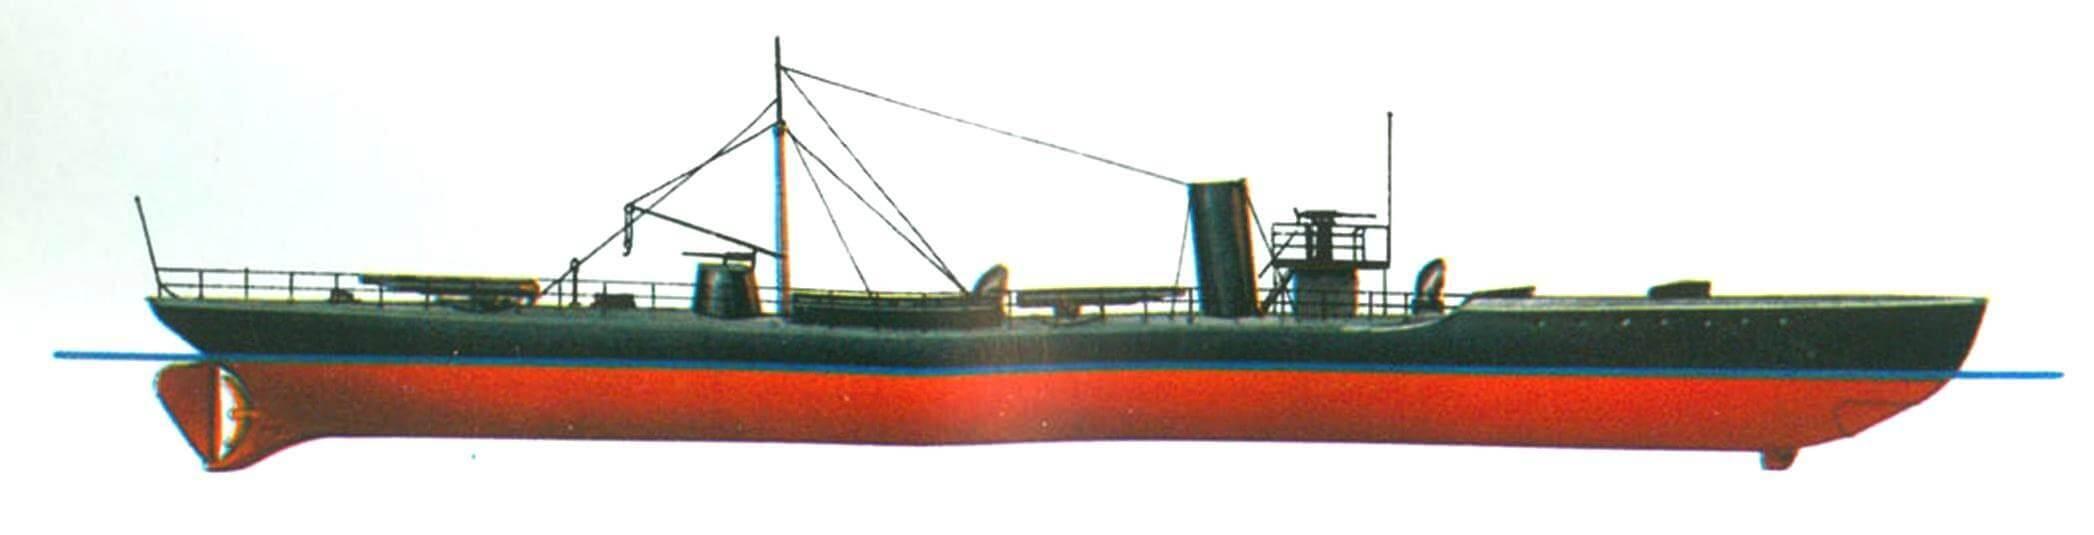 125. «Дивизионный» миноносец D-9 Германия, 1894 г.